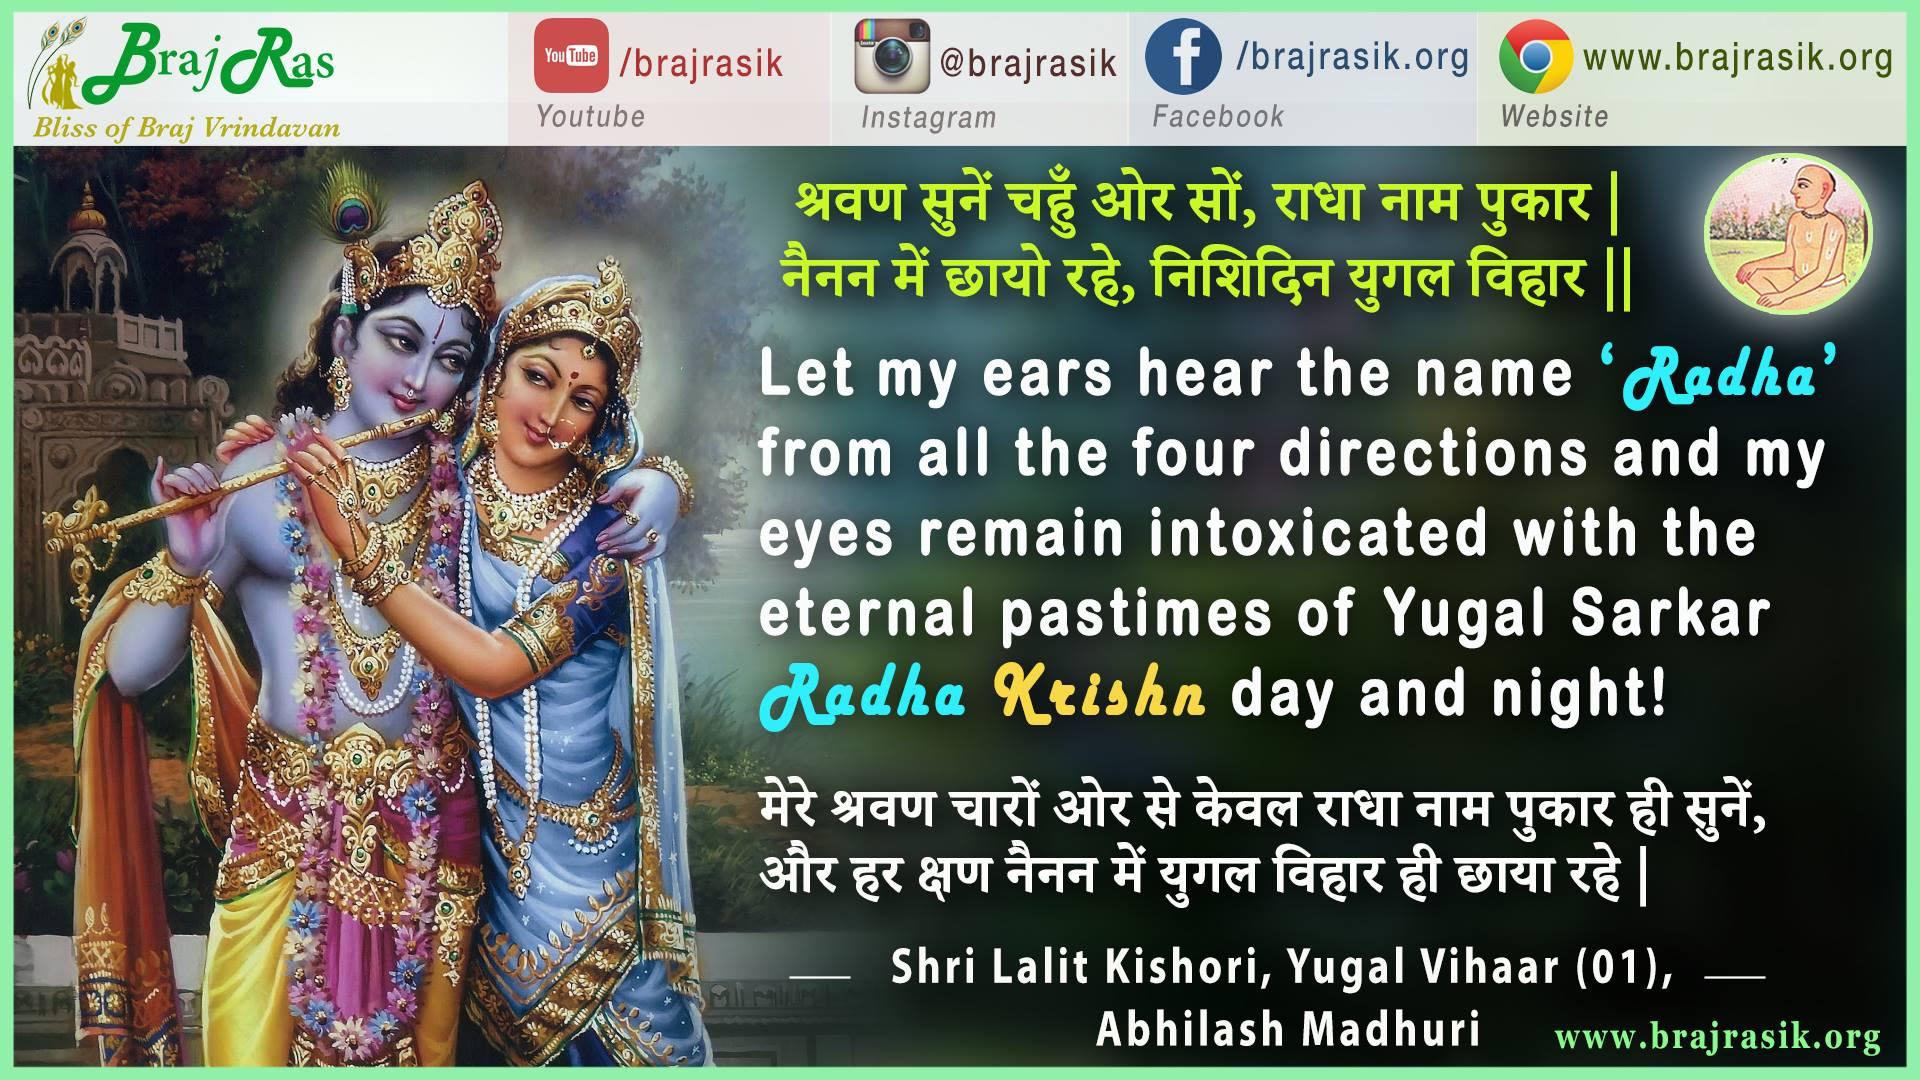 Shrvan Sunein Chahu Aur Son, Radha Naam Pukar - Shri Lalit Kishori, Yugal Vihar (01), Abhilash Madhuri